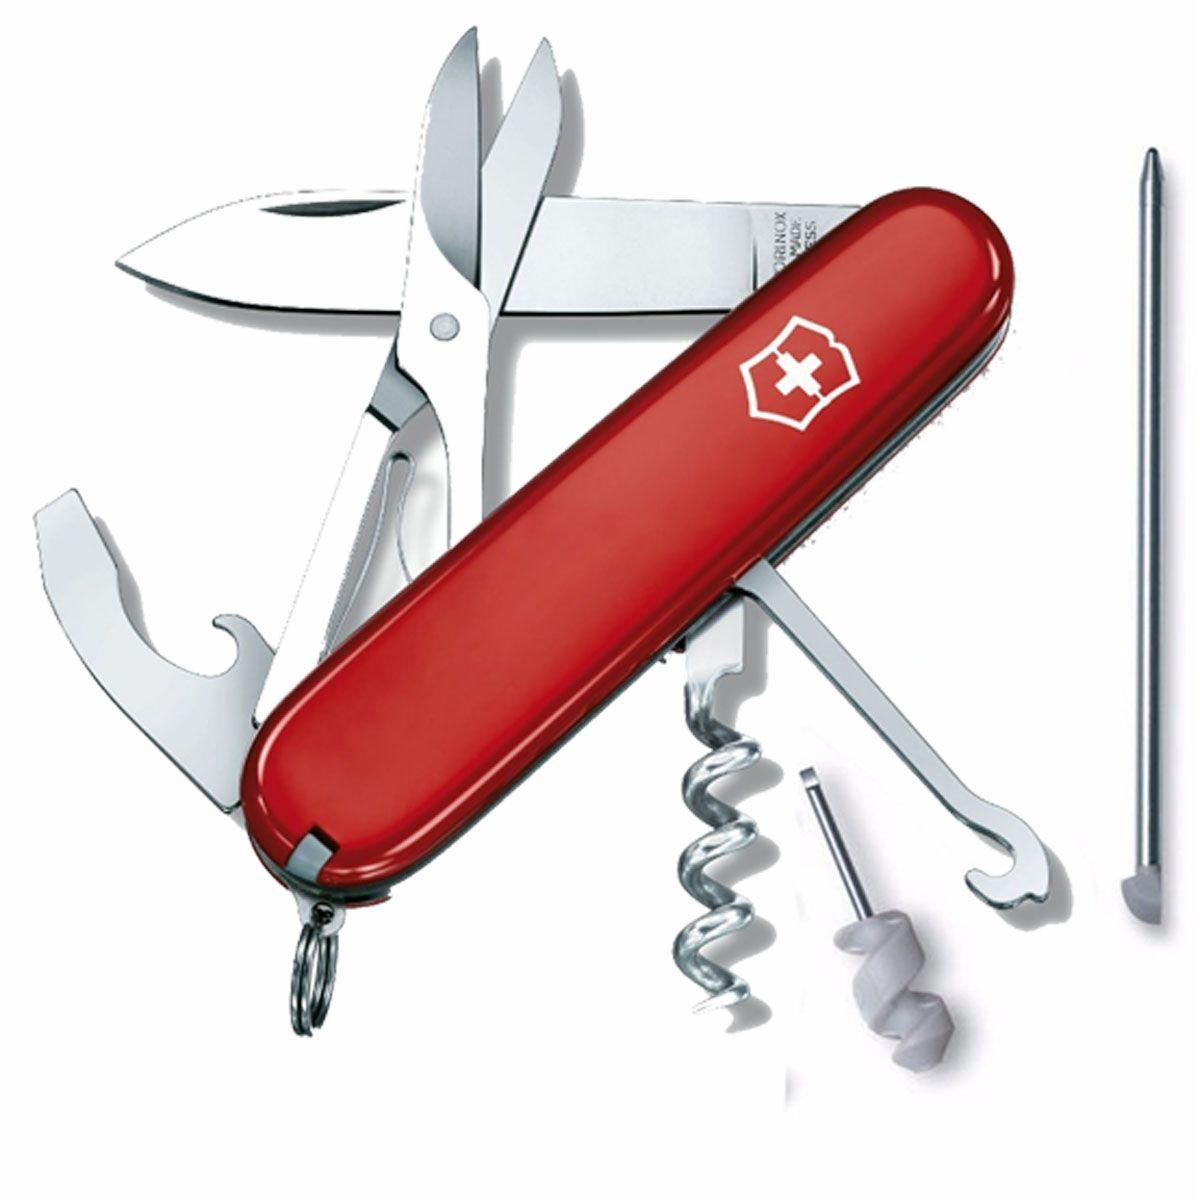 Canivete Suíço Victorinox Compact Vermelho 15 funções Original 1.3405  - Mix Eletro